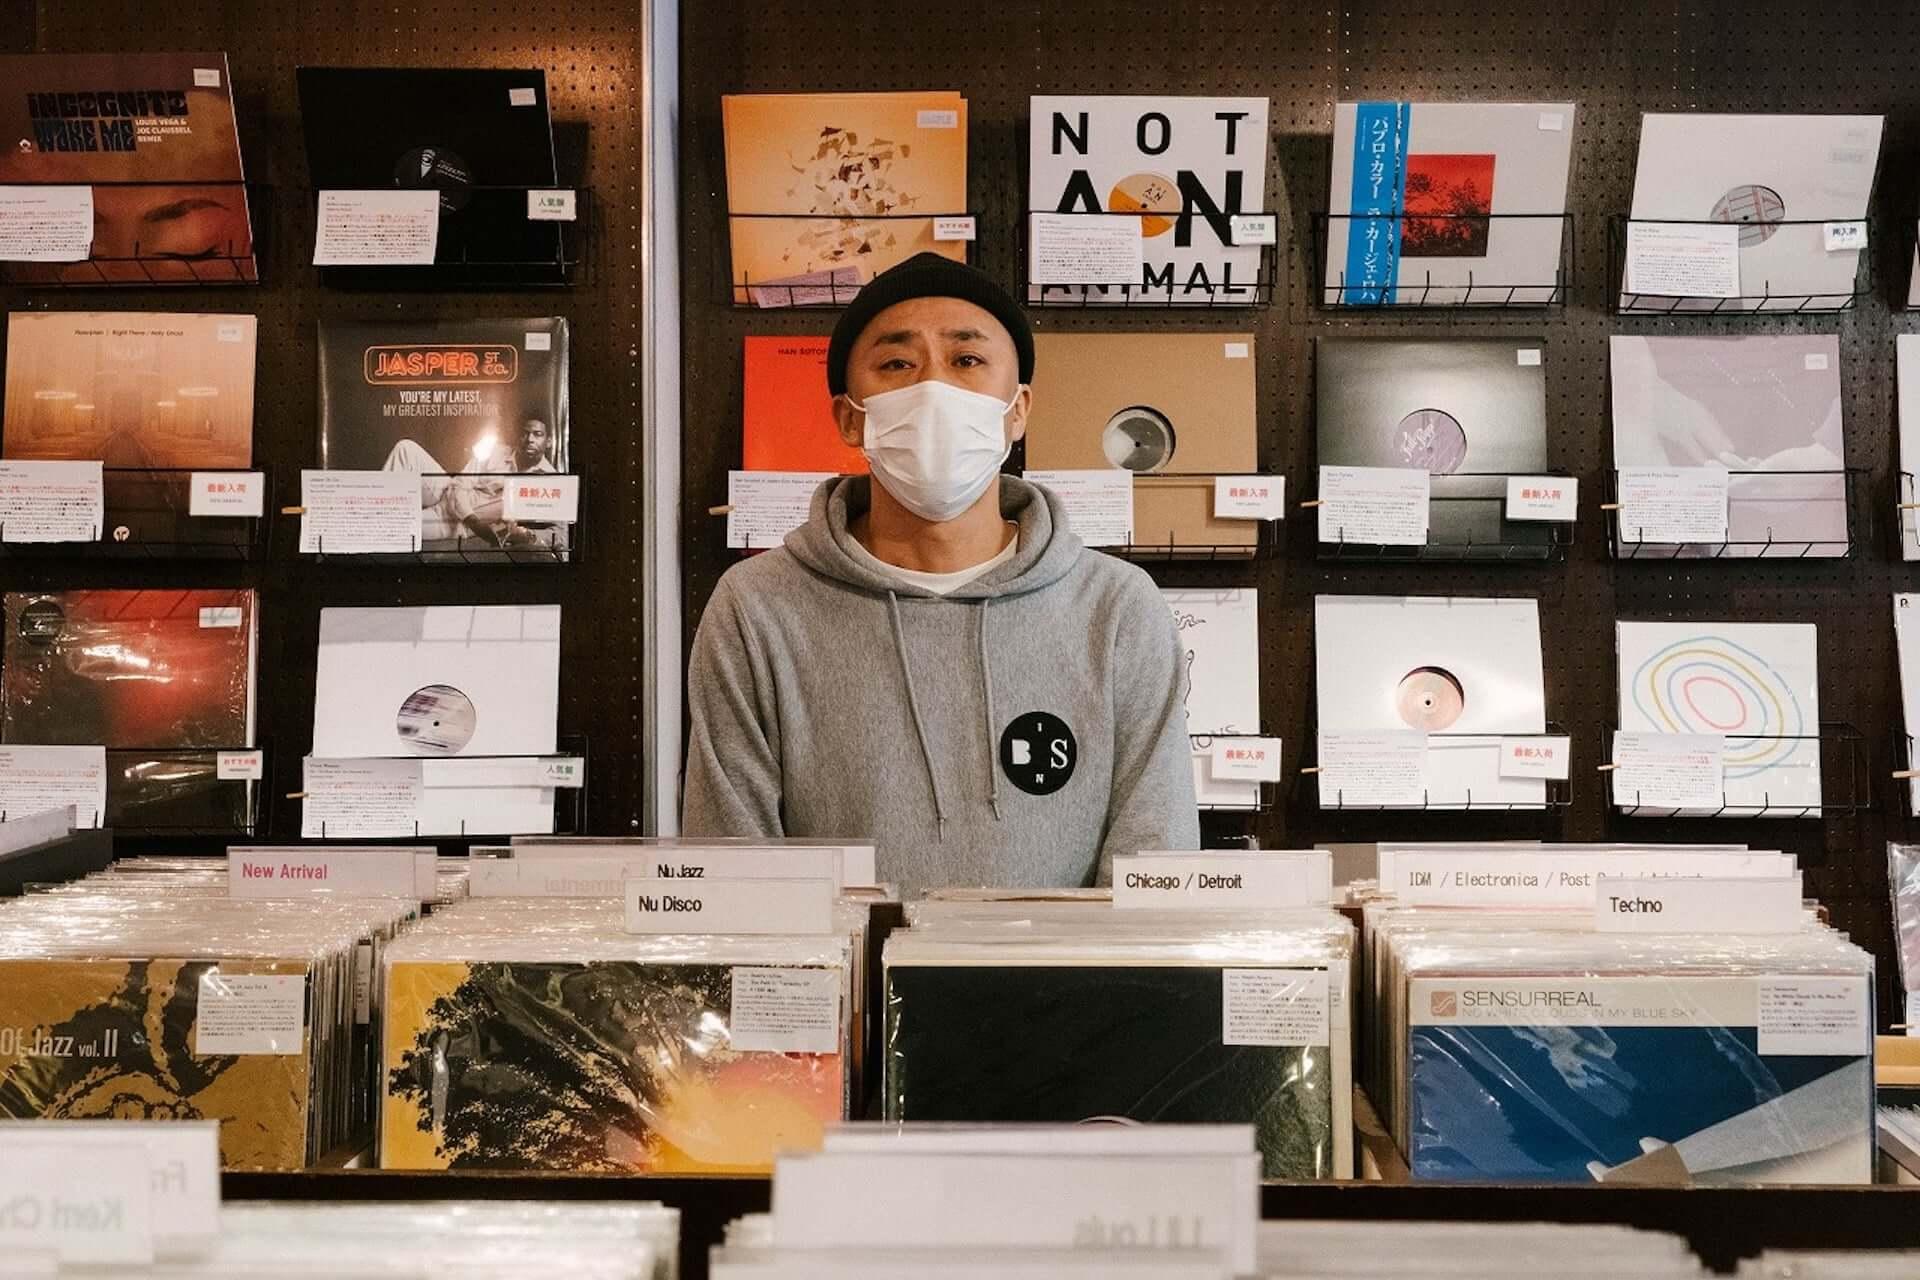 日本のアンダーグラウンド音楽シーンに迫る長編映像シリーズ『In:Depth』が始動!渋谷Lighthouse Records、幡ヶ谷Forestlimitなどが登場 music210304_indepth_4-1920x1280